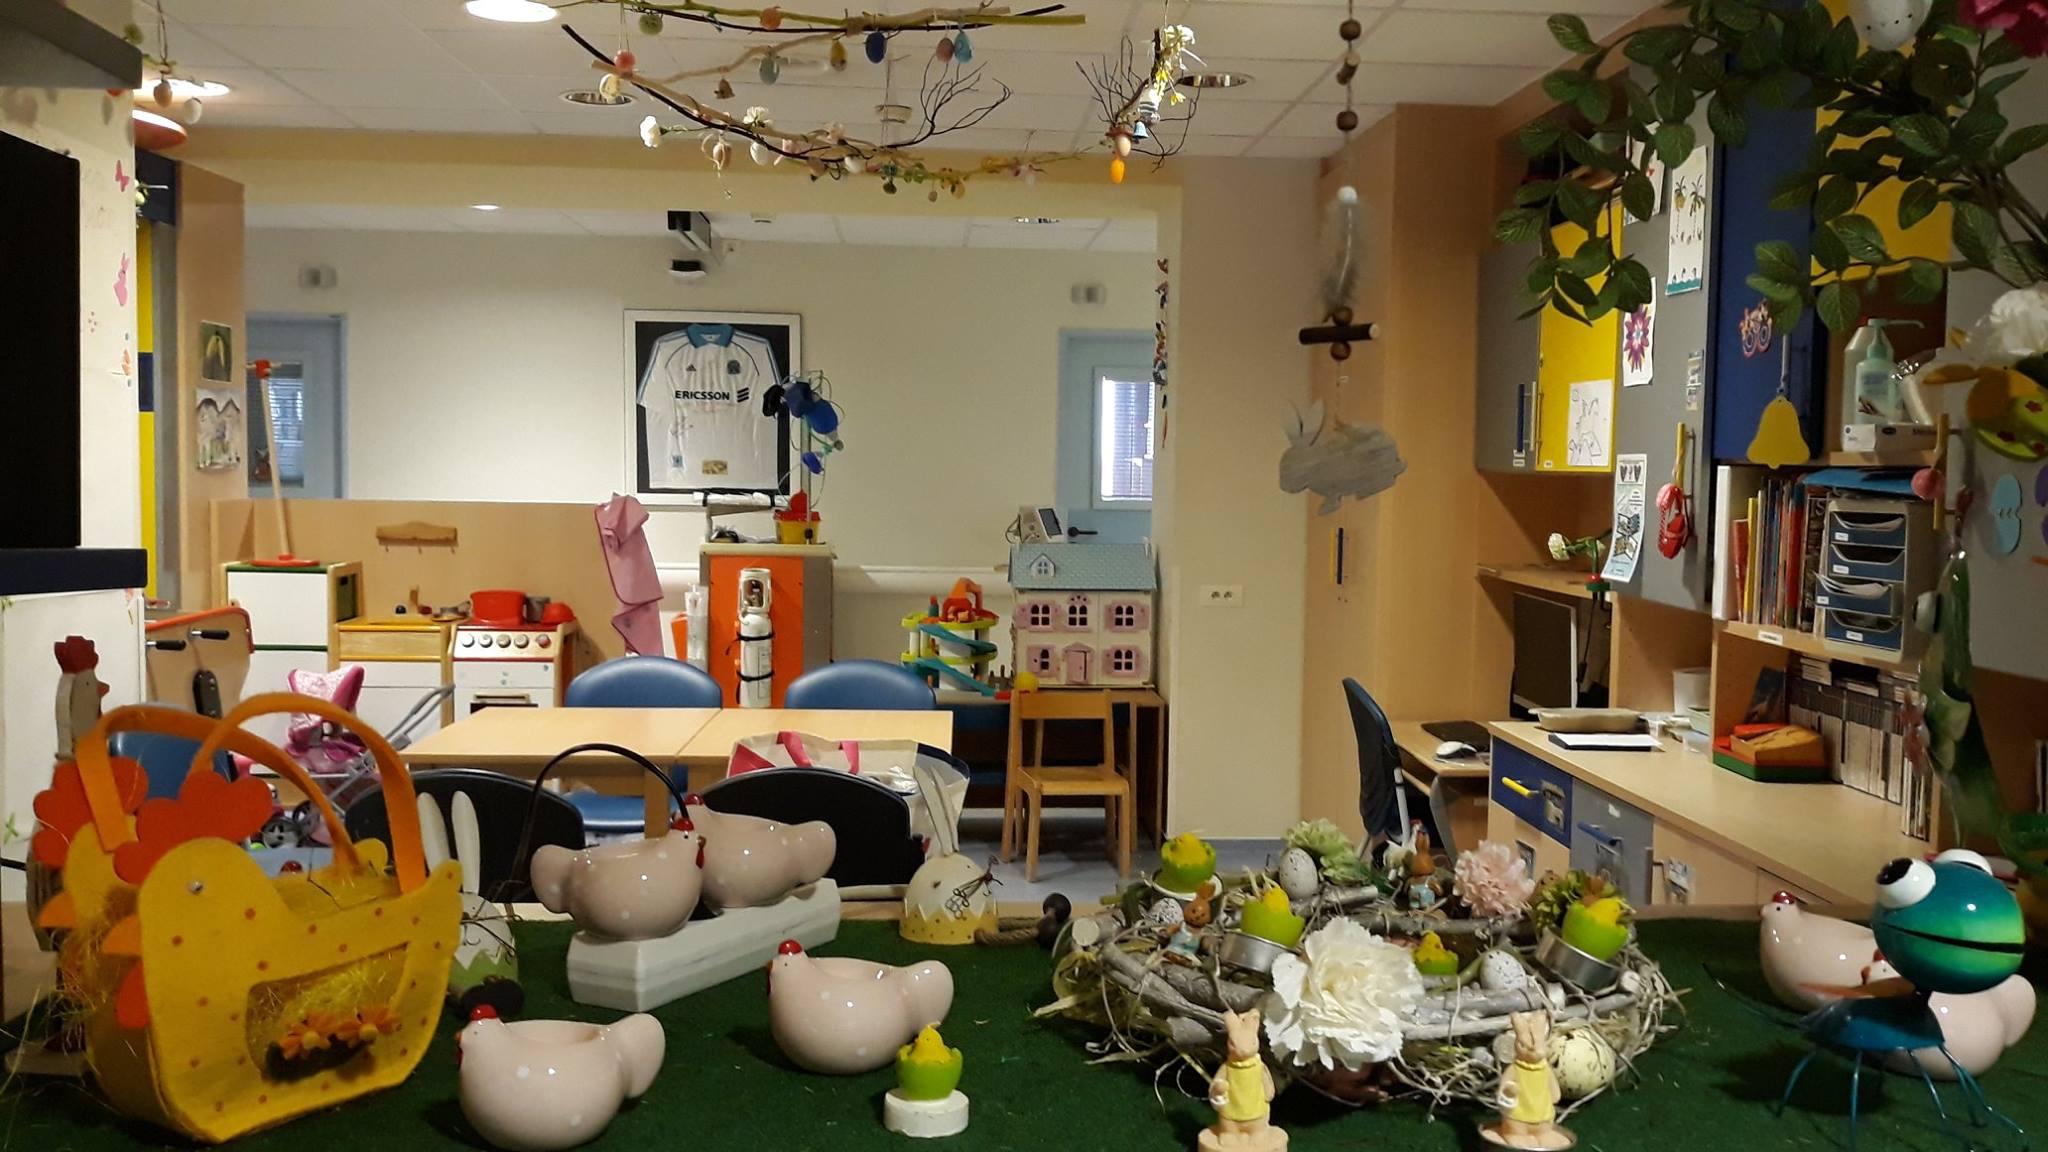 Décorations de Pâques à l'hôpital